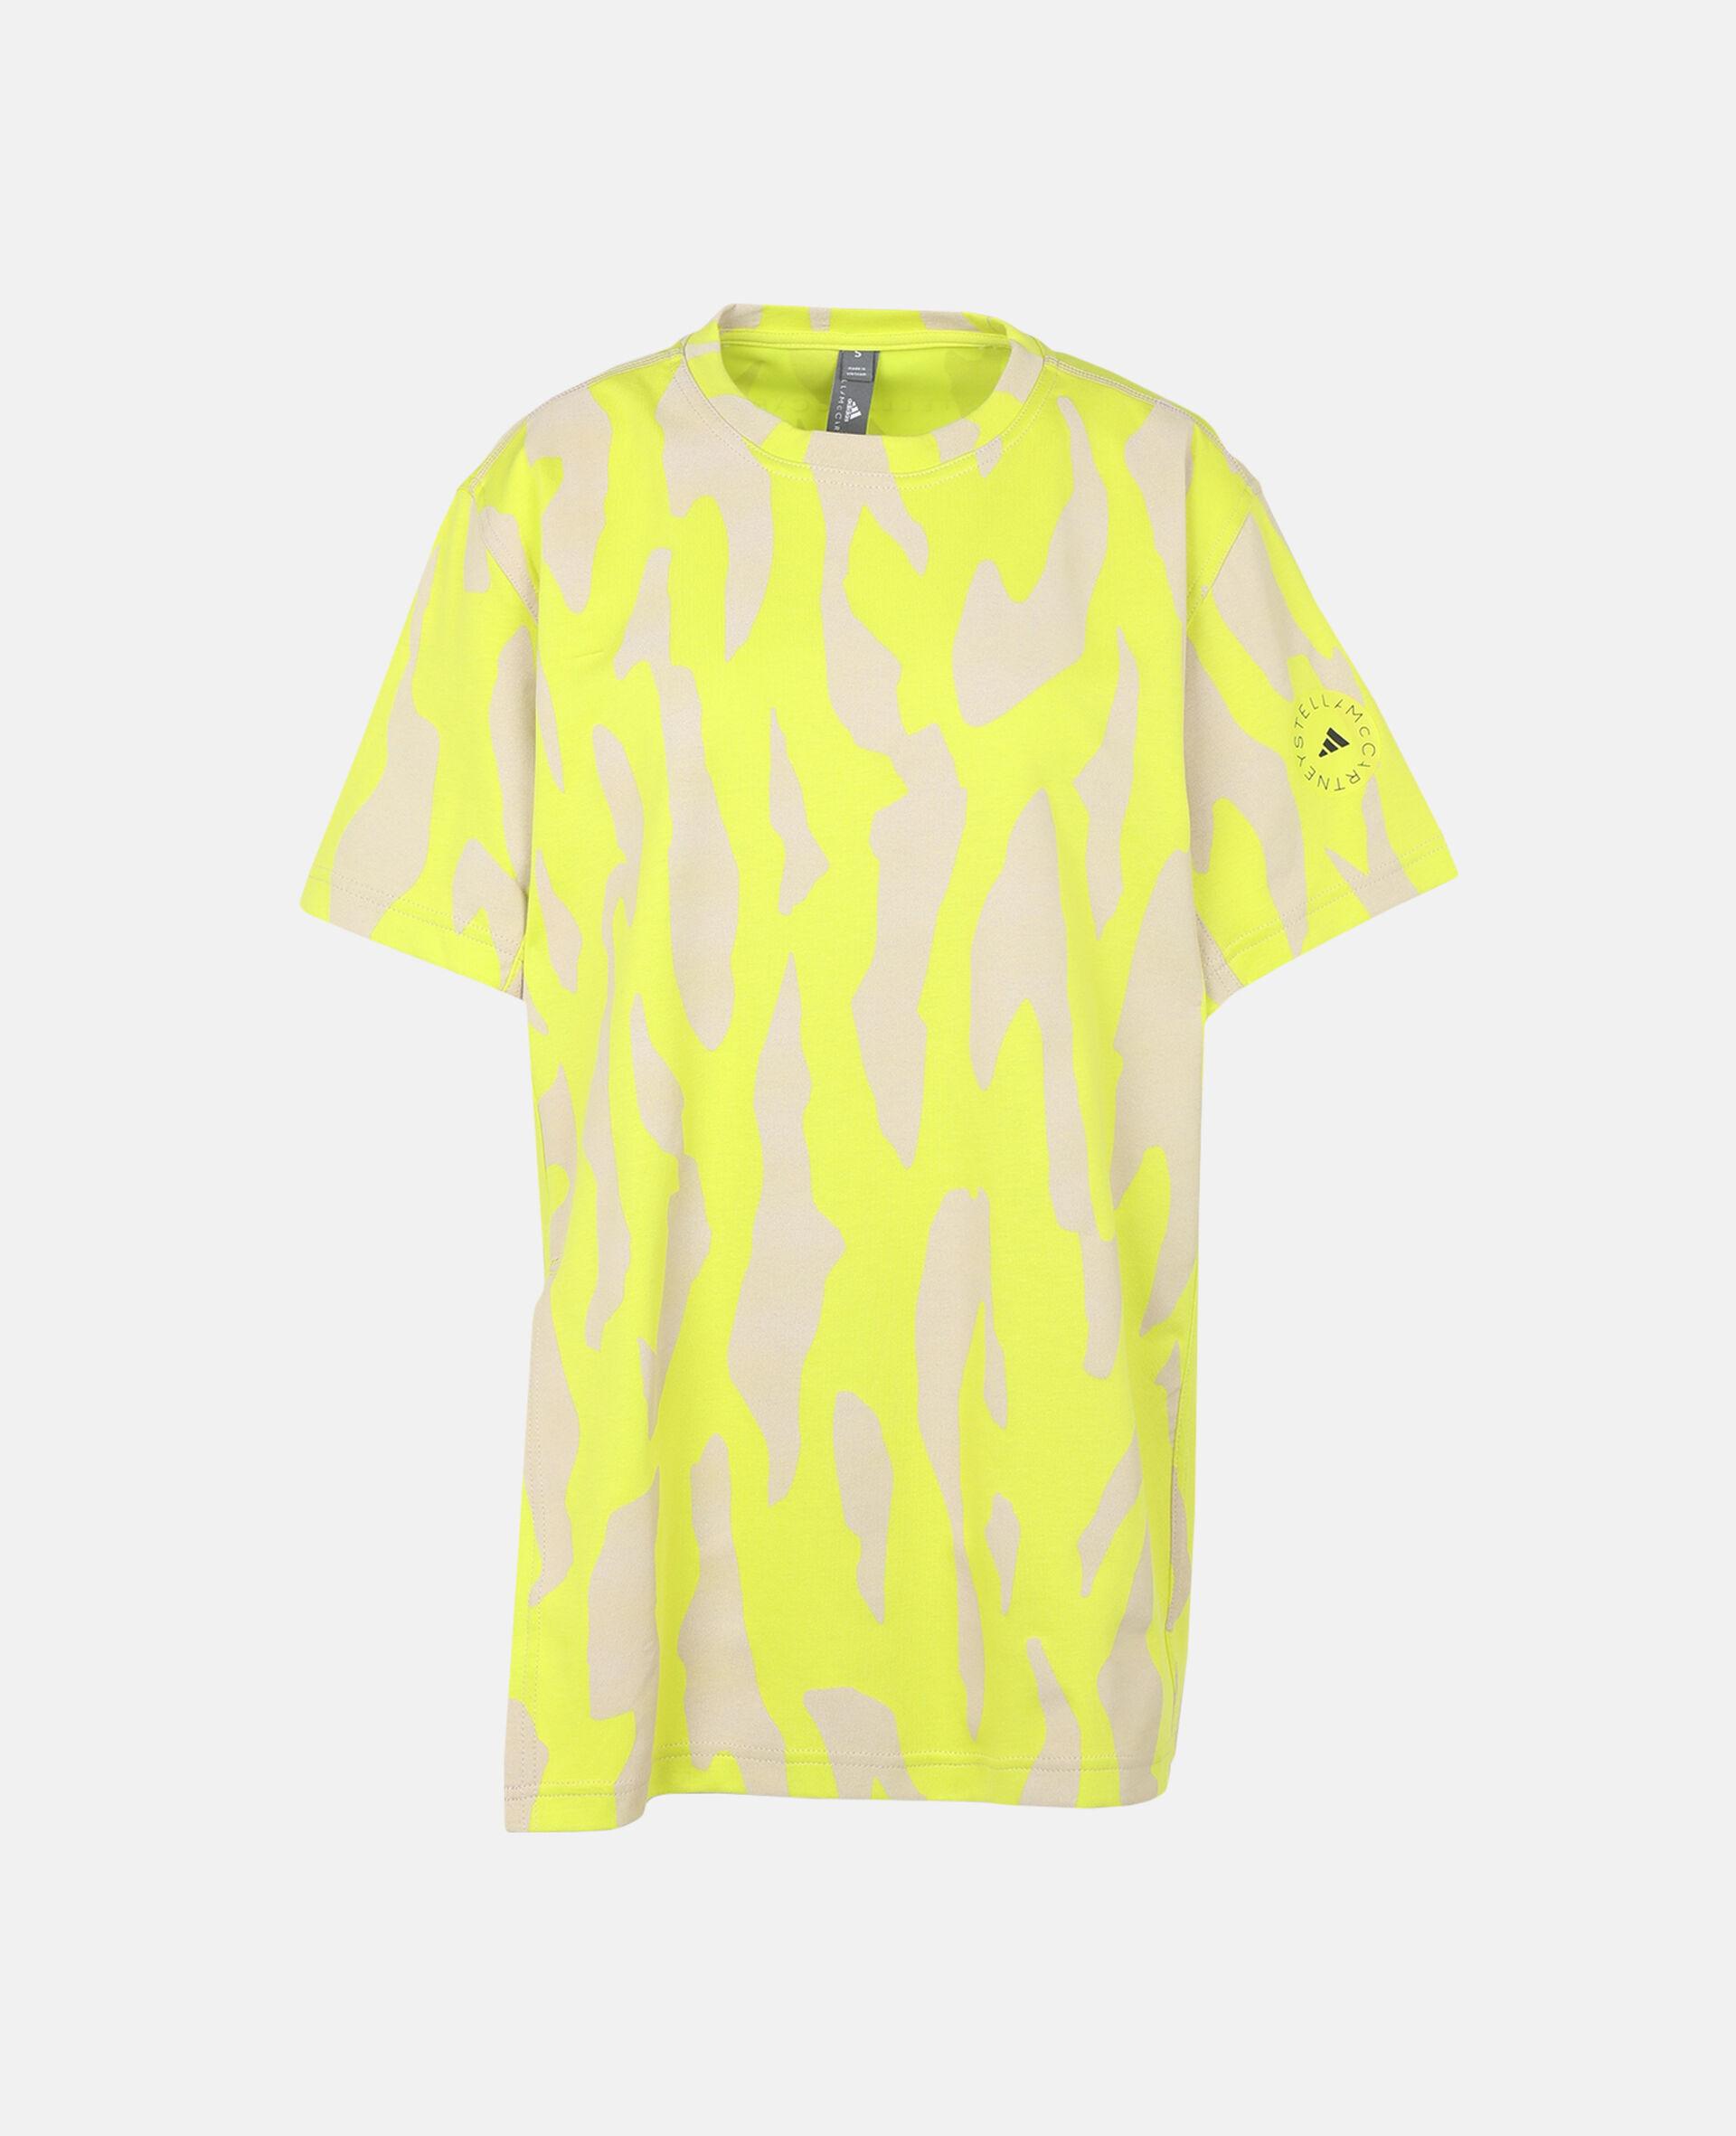 フューチャー プレイグラウンド Tシャツ-イエロー-large image number 0